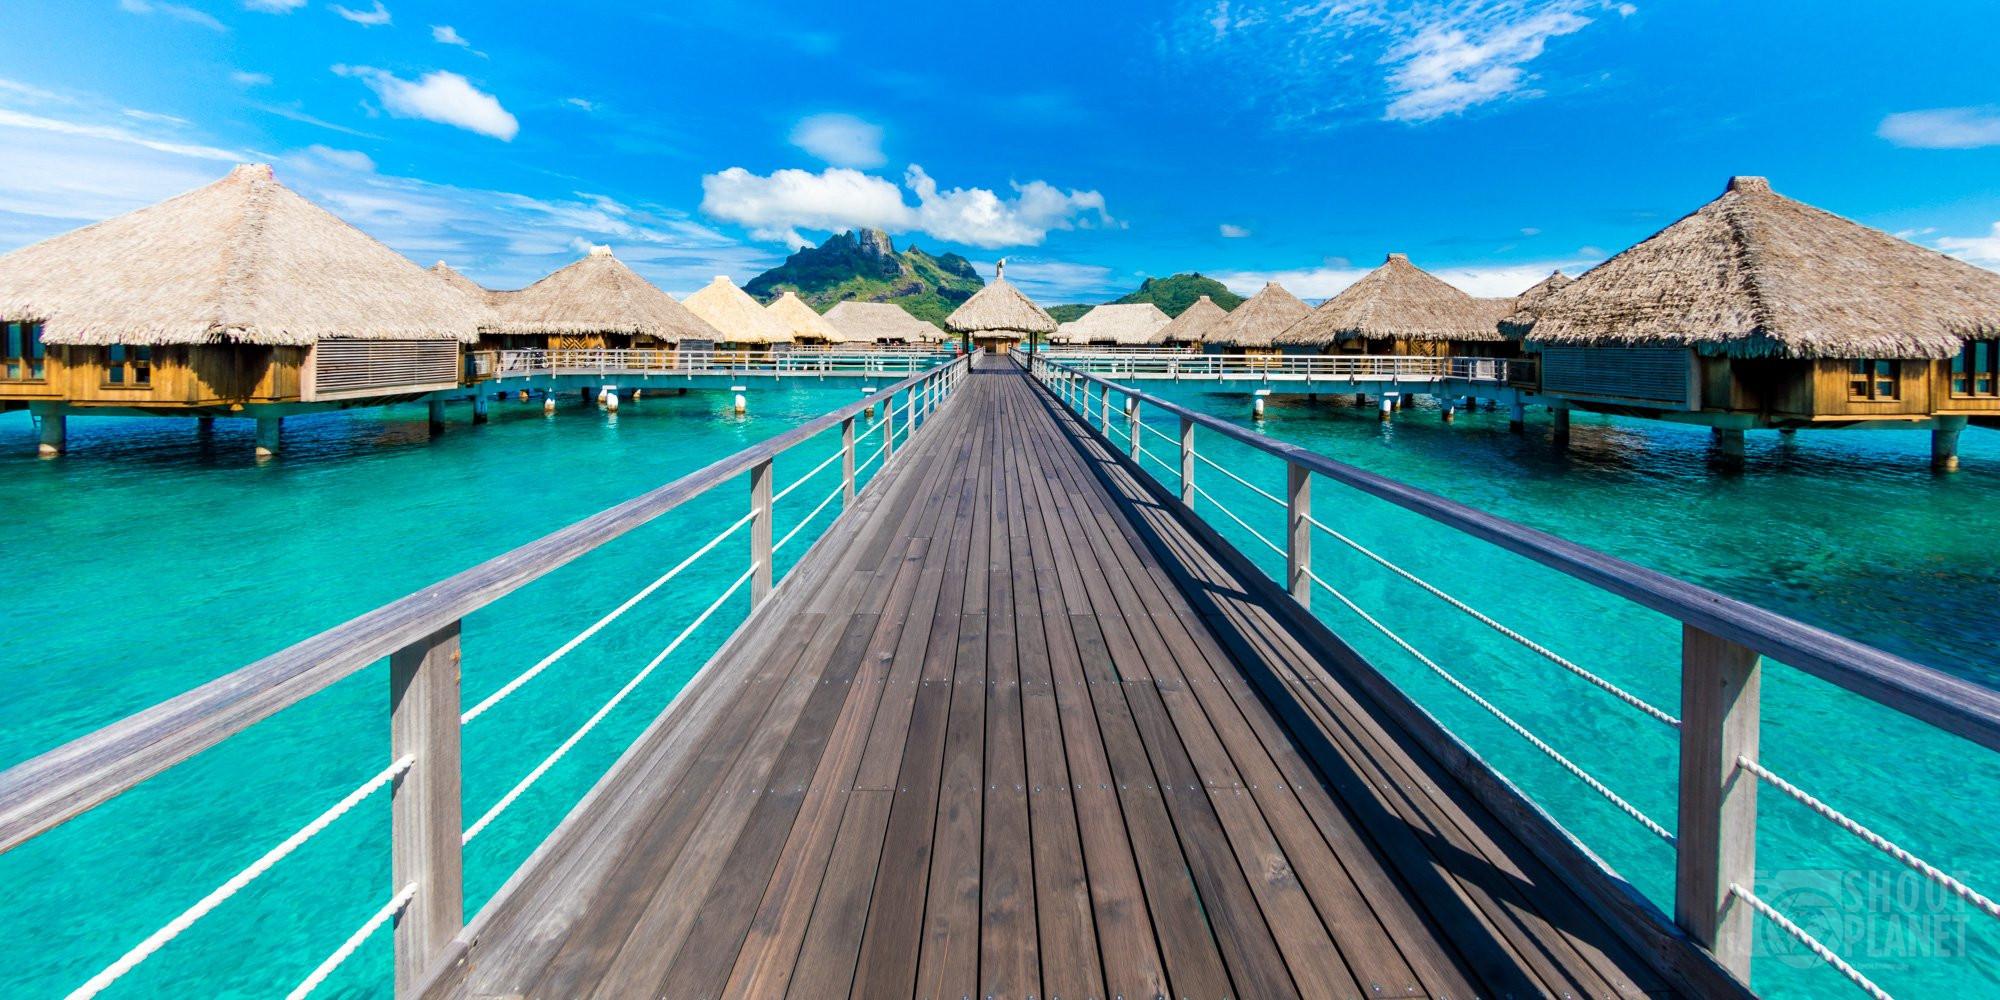 Overwater bungalows wooden bridge, Bora Bora, Polynesia